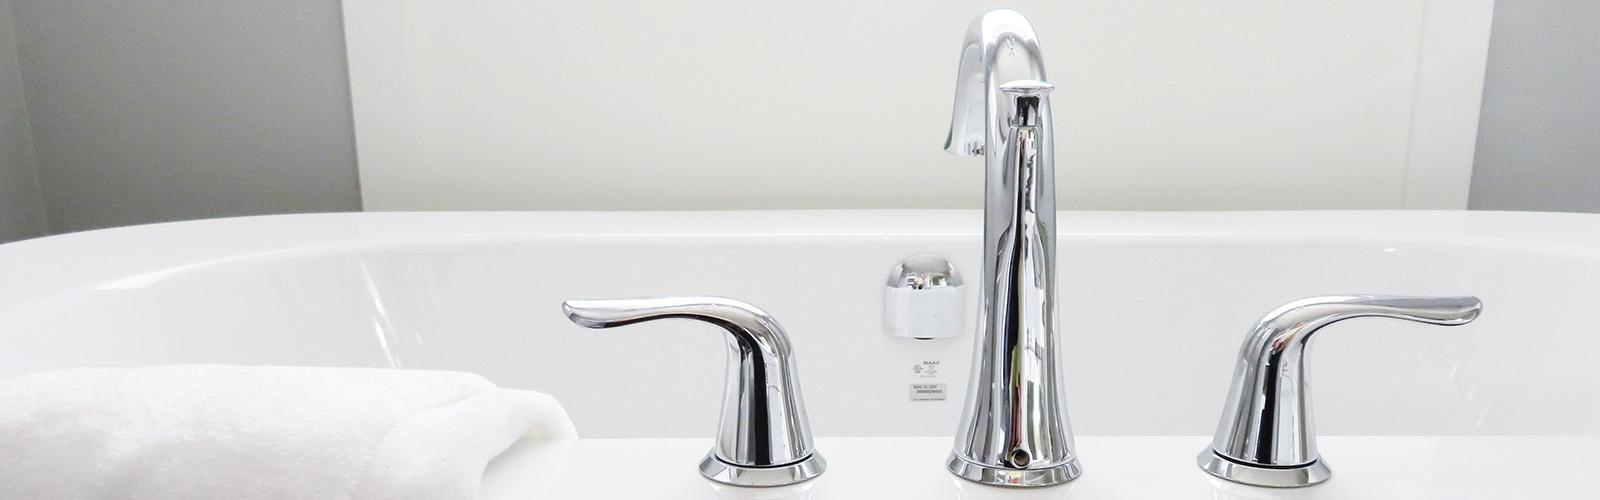 Sanitär bei Freimark Haustechnik